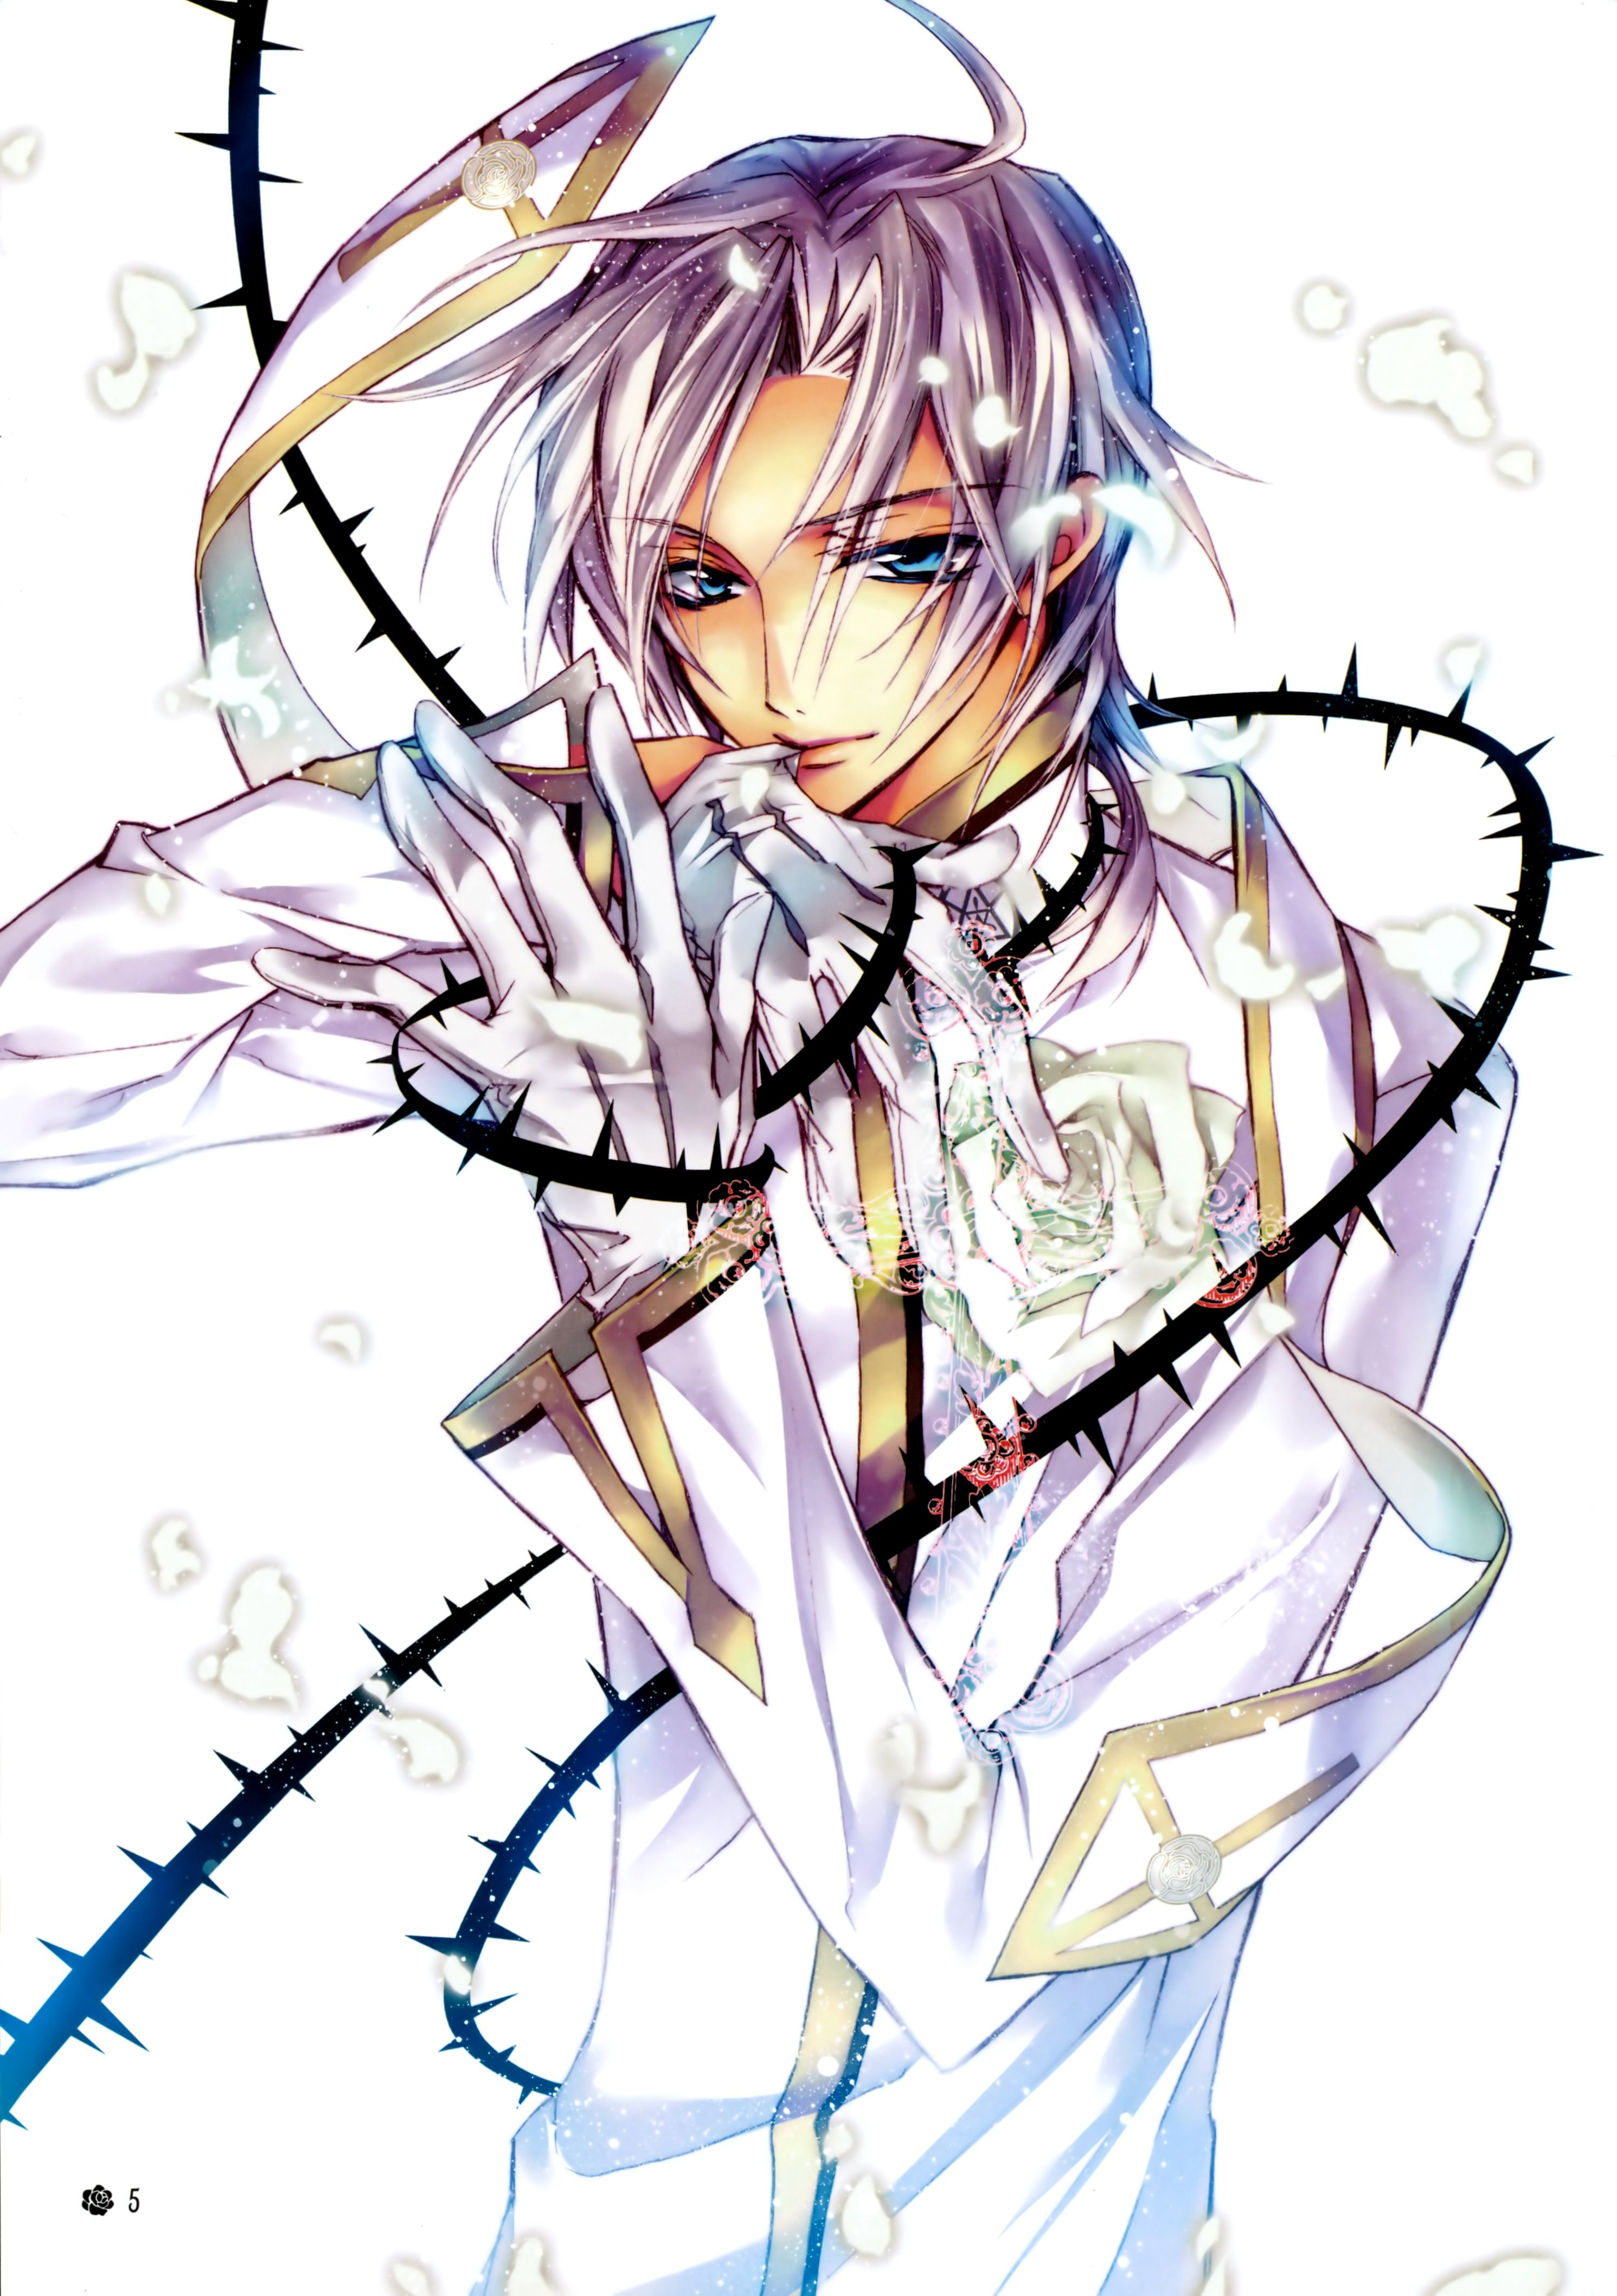 Barajou No Kiss Aka Kiss Of The Rose Prince Anime